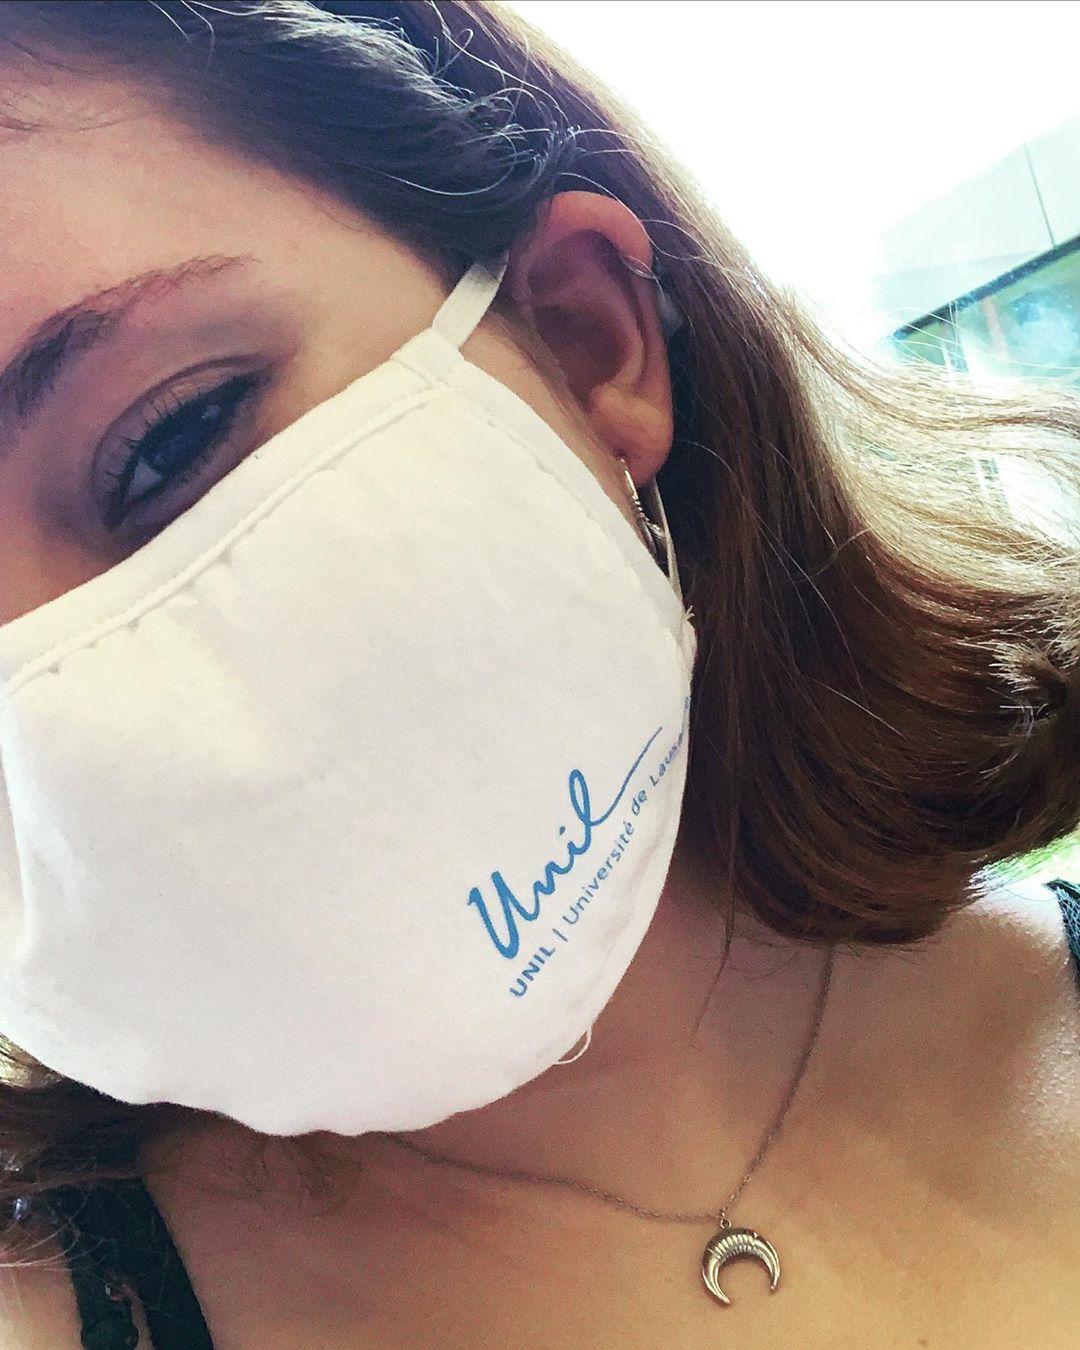 Unil masque_alexandra_nvs